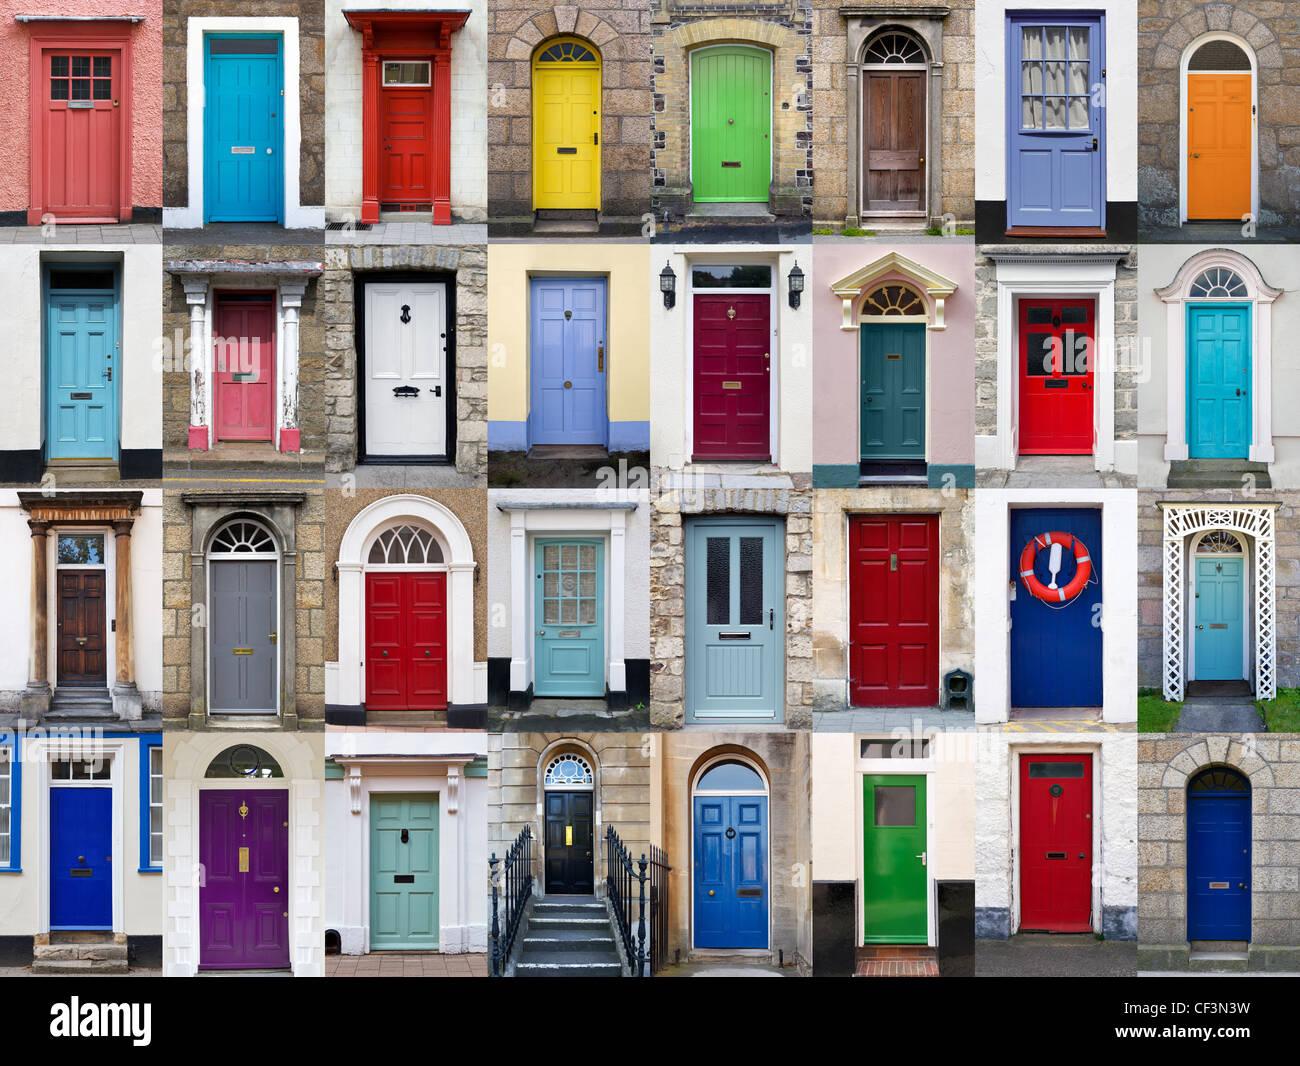 Un collage photo de 32 portes avant colorés aux maisons et homes Photo Stock